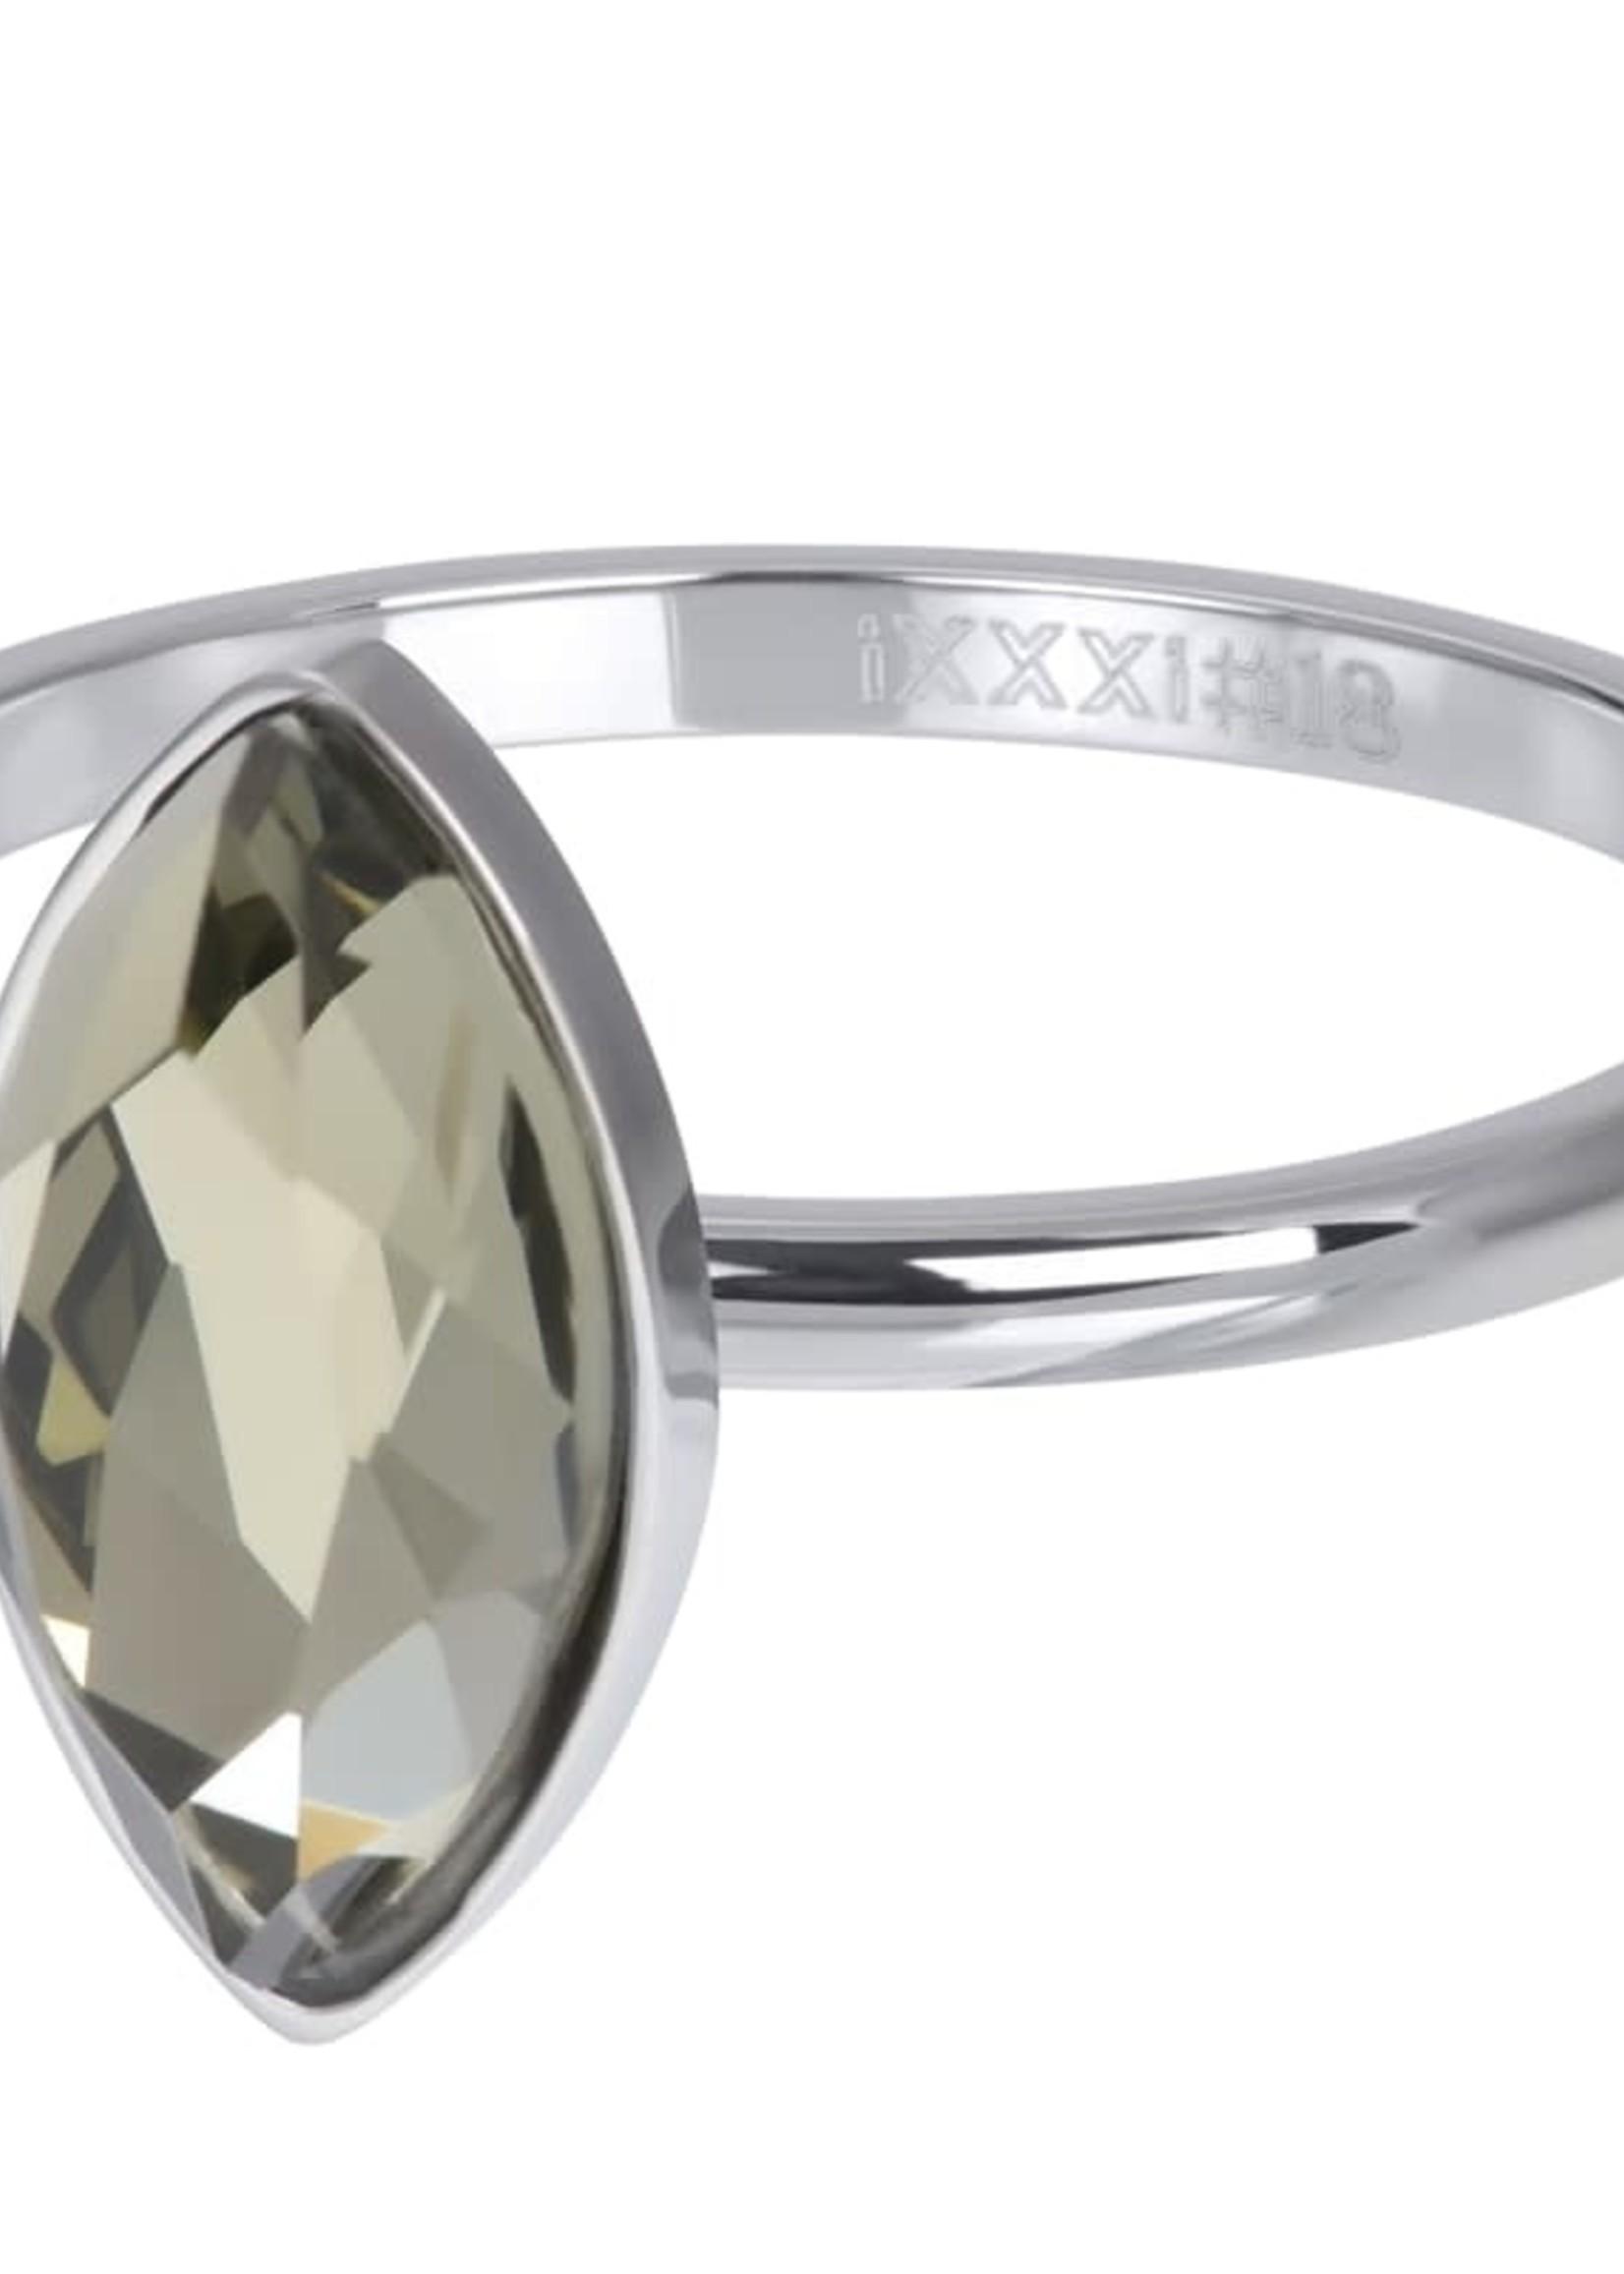 iXXXi ringen iXXXi Royal Diamond